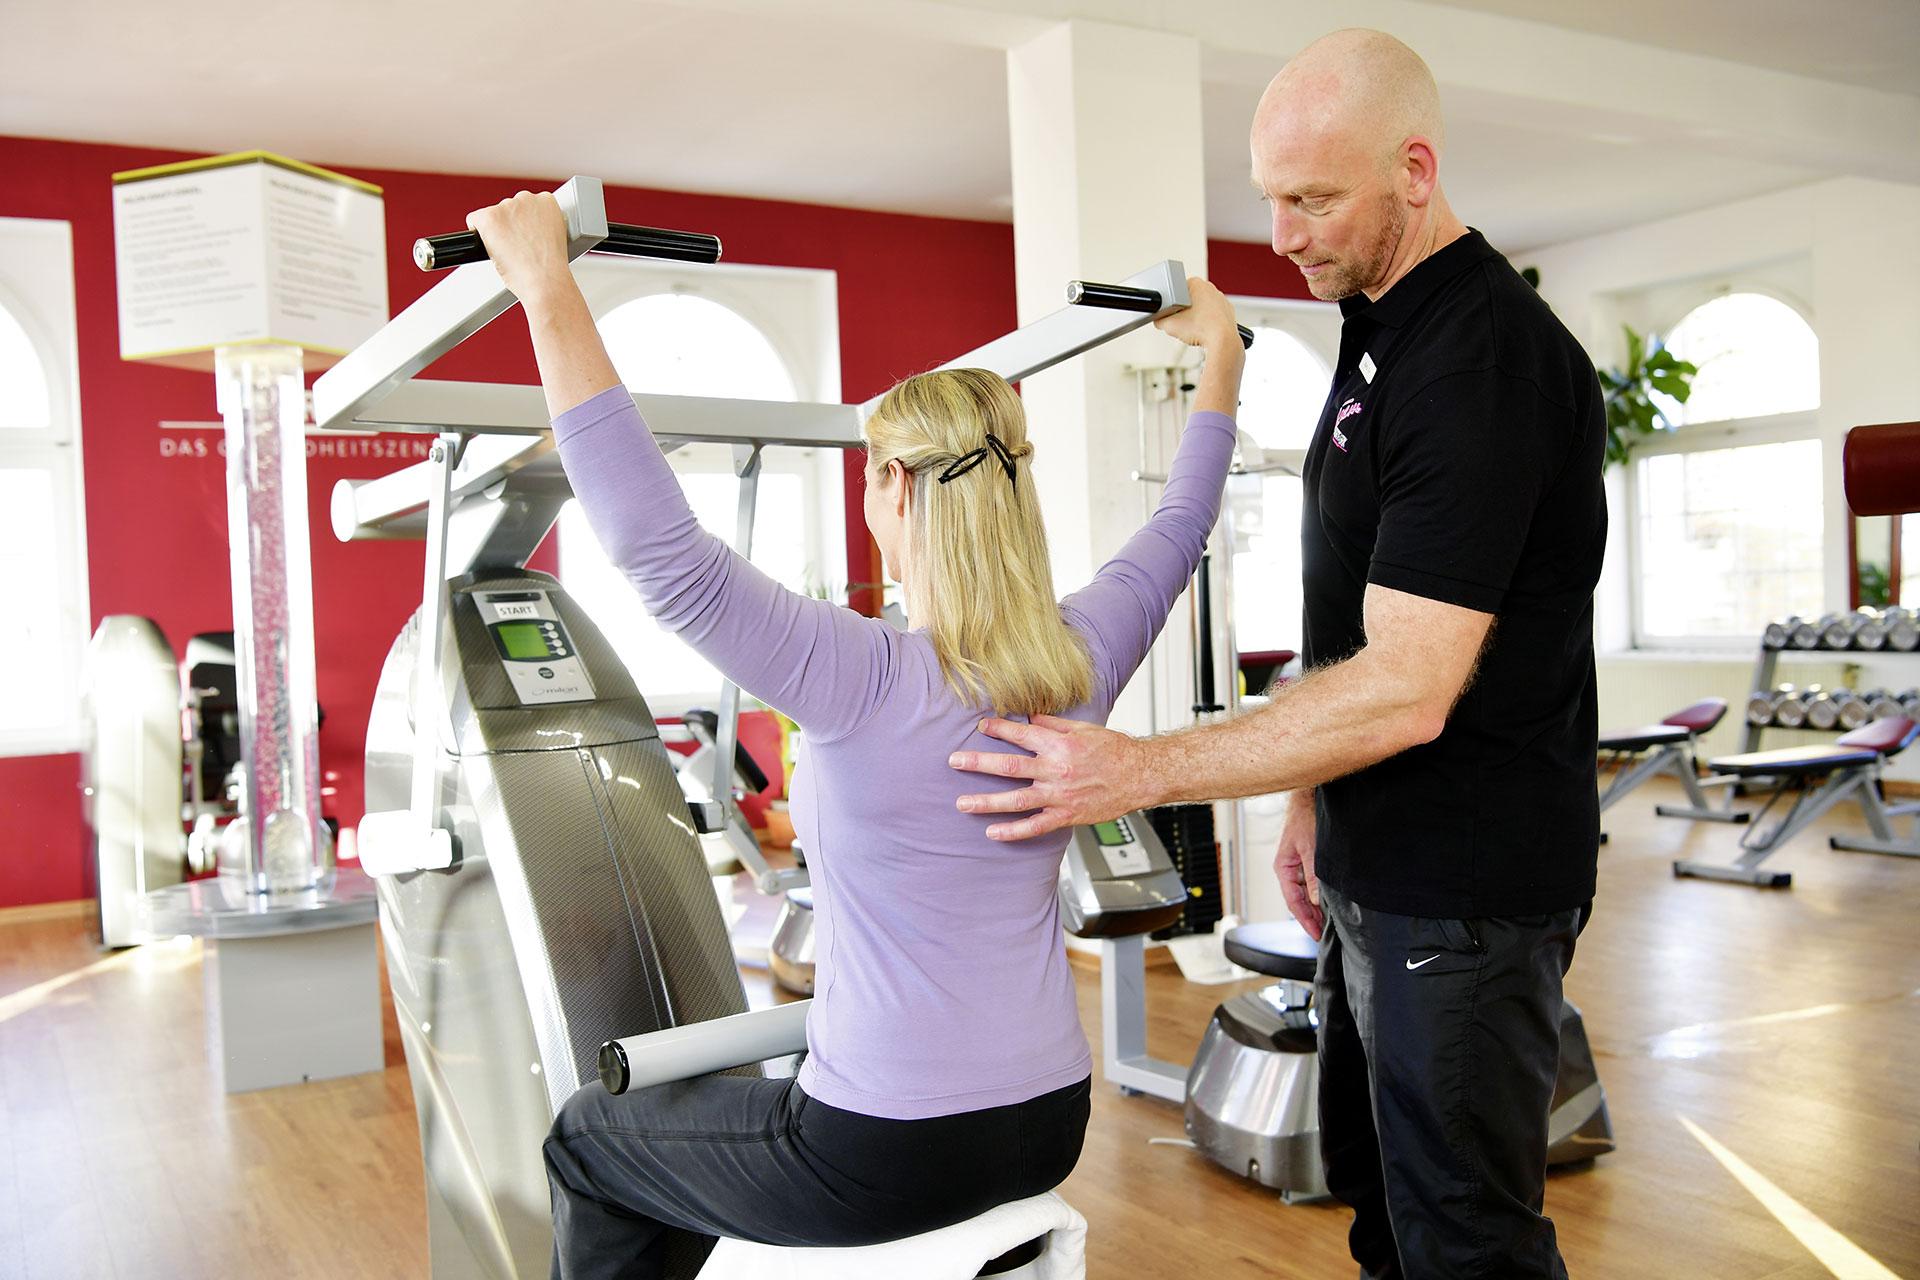 Trainingsangebot digitales Training Spprtfabrik Bonn